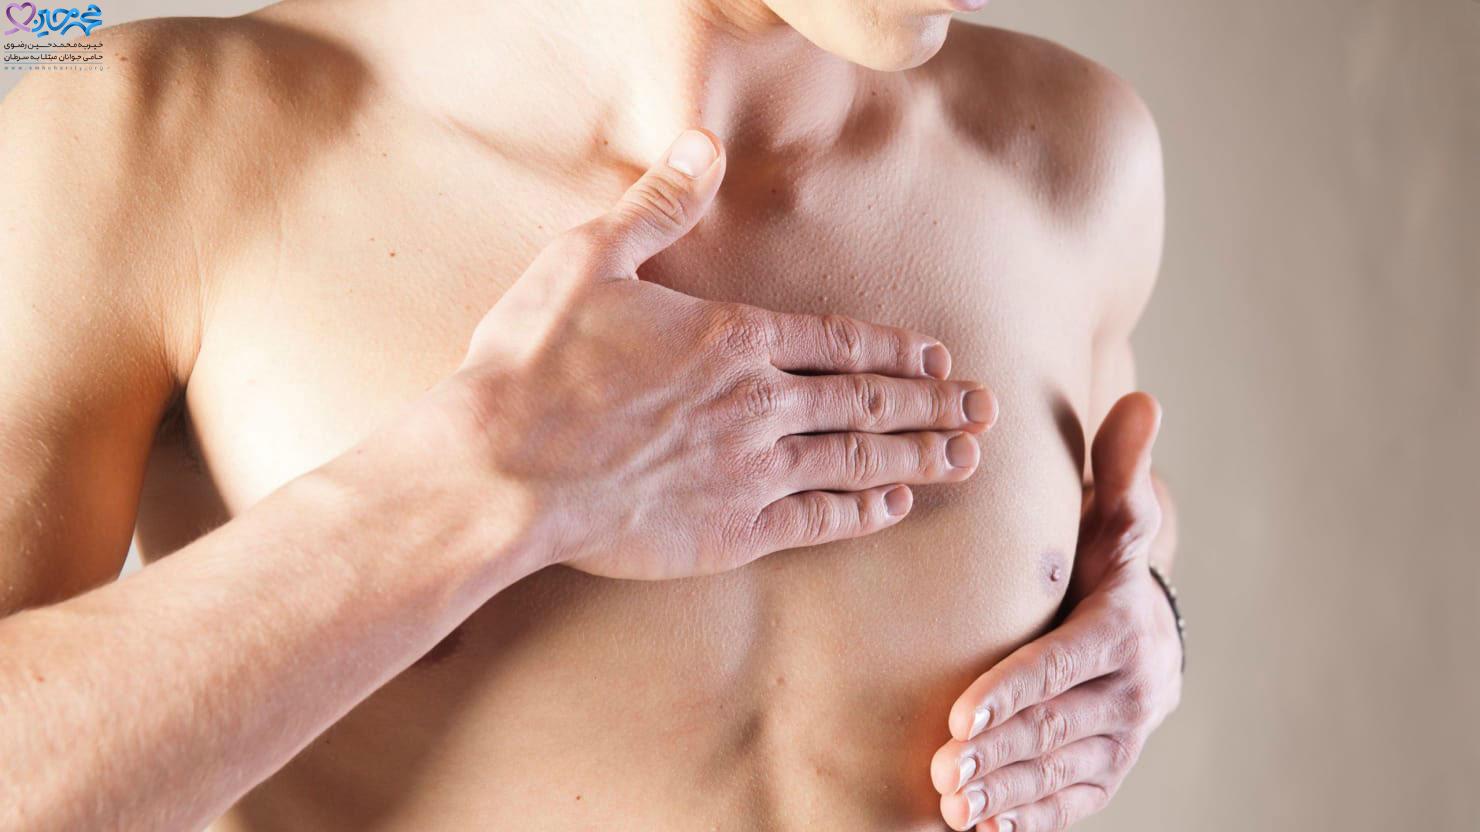 هورمون درمانی و پرتودرمانی سرطان سینه مردان